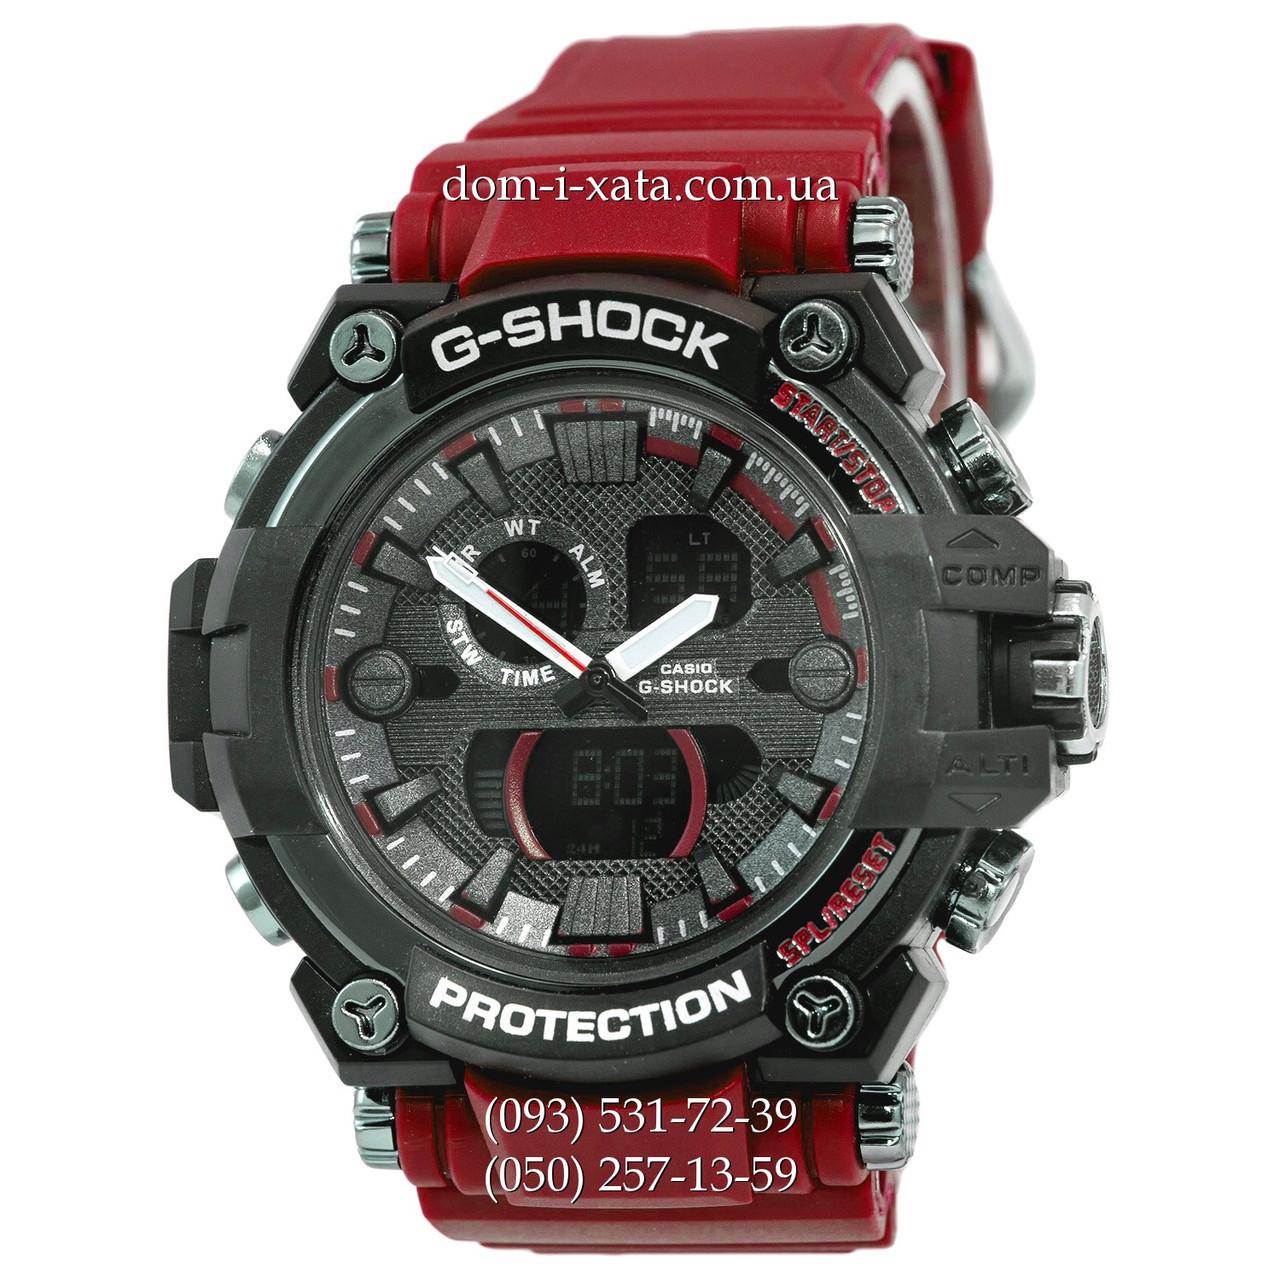 Электронные часы Casio G-Shock GWA-1045 Black-Red Wristband, спортивные часы Джи Шок черный-красный, реплика отличное качество!